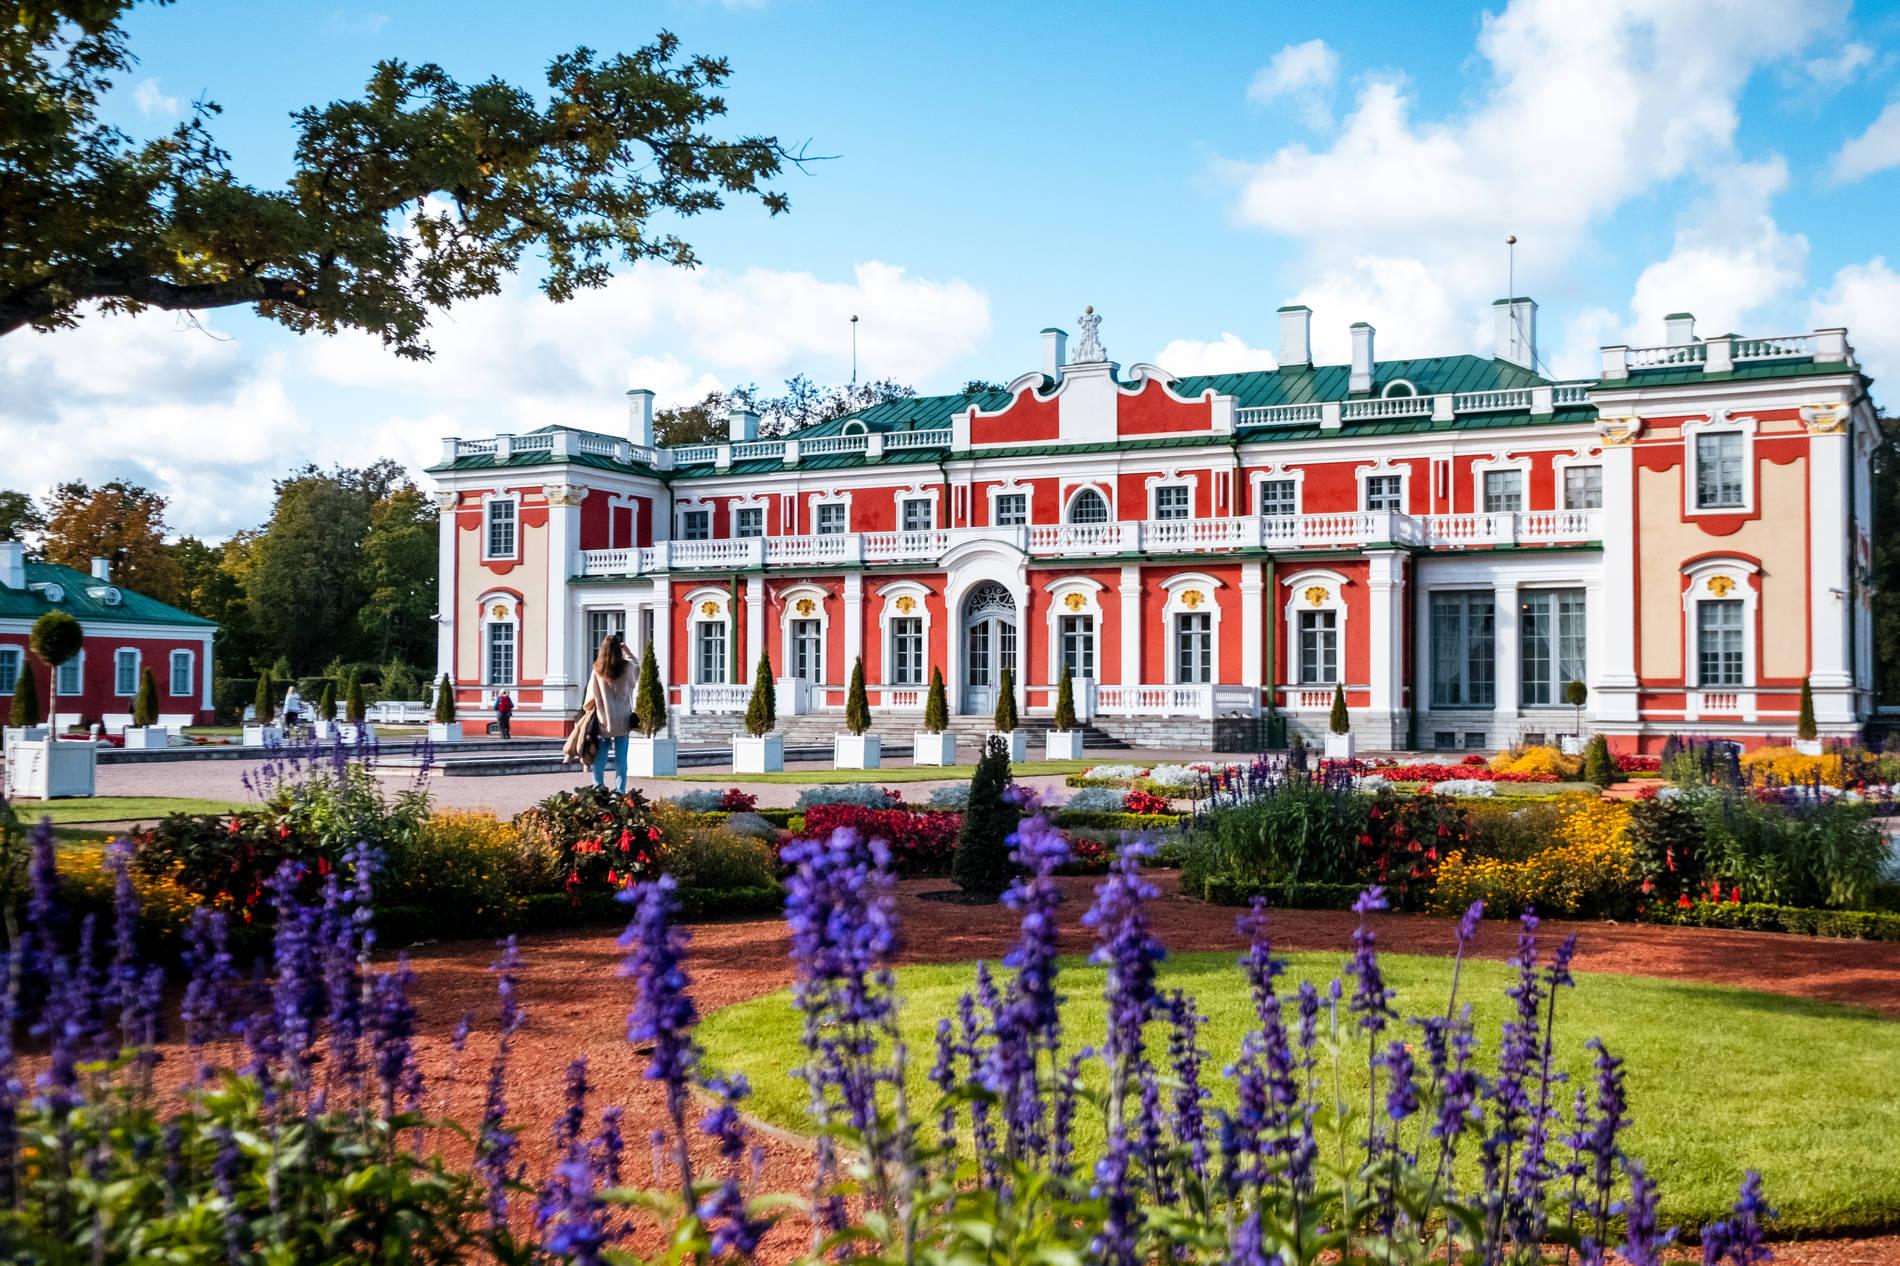 Вид снаружи на Кадриоргский дворец, Таллинн, Эстония